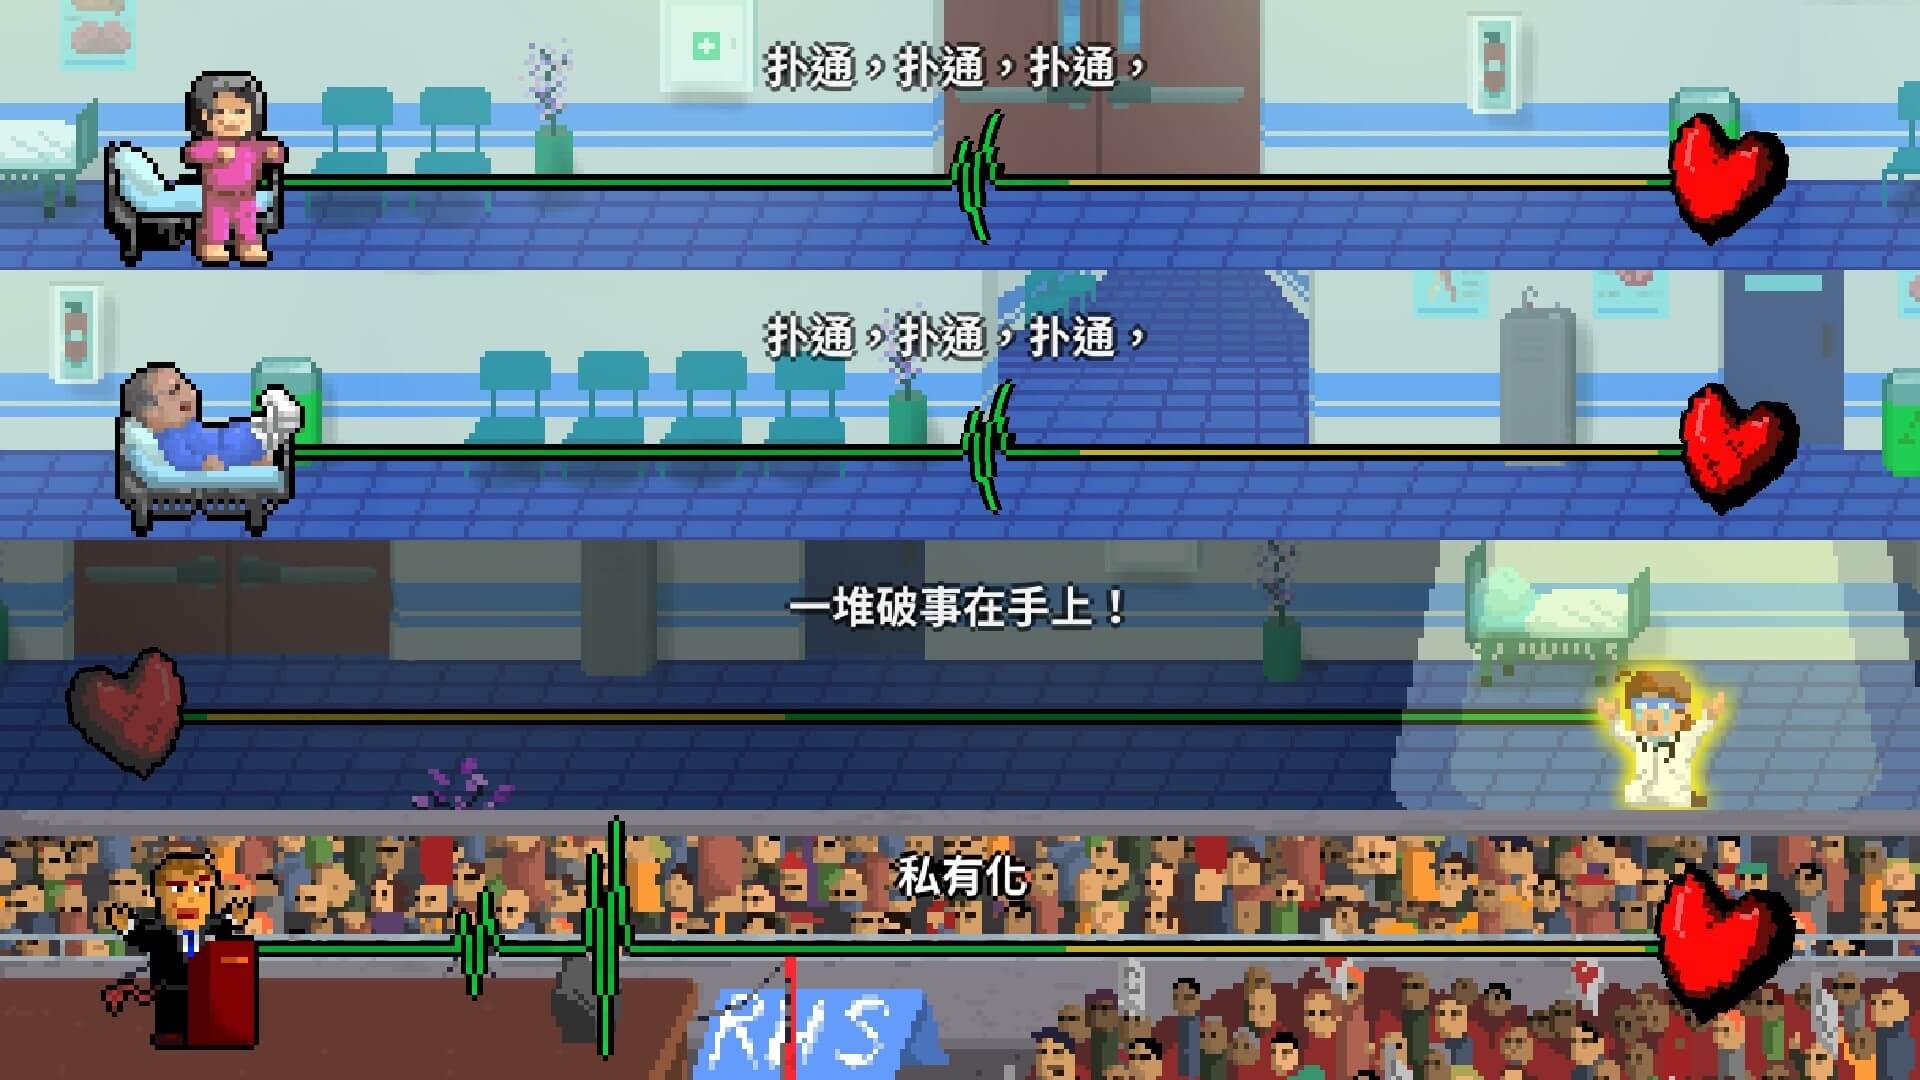 [百度云网盘]PC《节奏医生(Rhythm Doctor)》中文音乐类(MUG)游戏下载